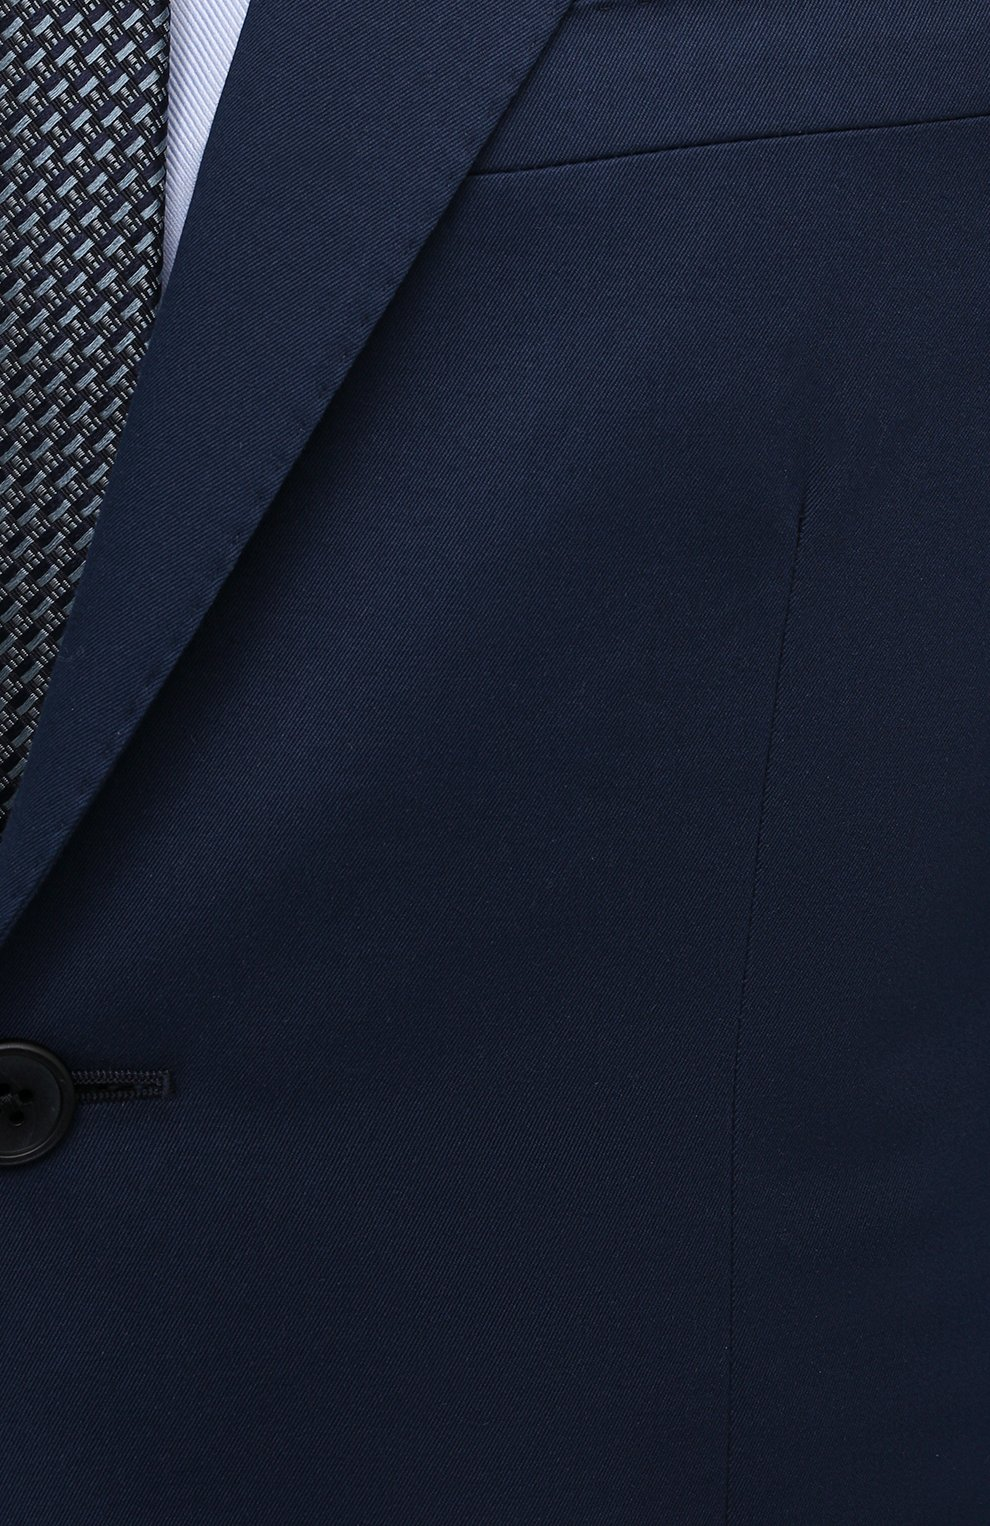 Мужской костюм из хлопка и кашемира CORNELIANI темно-синего цвета, арт. 87NY76-1114105/92 | Фото 6 (Рукава: Длинные; Костюмы М: Однобортный; Материал внешний: Хлопок; Стили: Классический; Материал подклада: Вискоза)